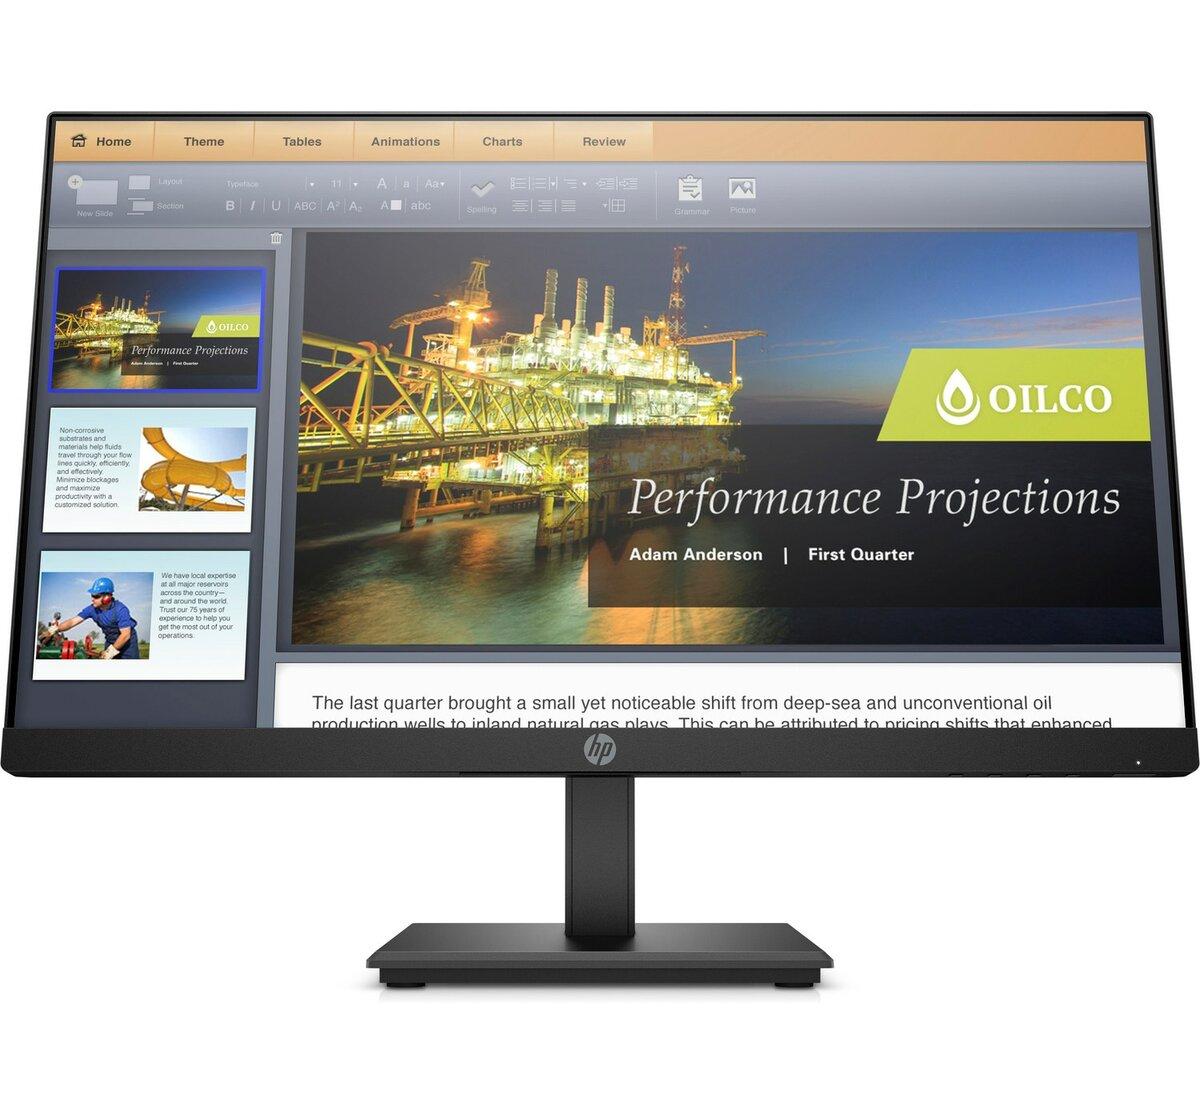 diapositiva 1 de 10,aumentar tamaño, monitor hp p224 de 21,5 pulgadas